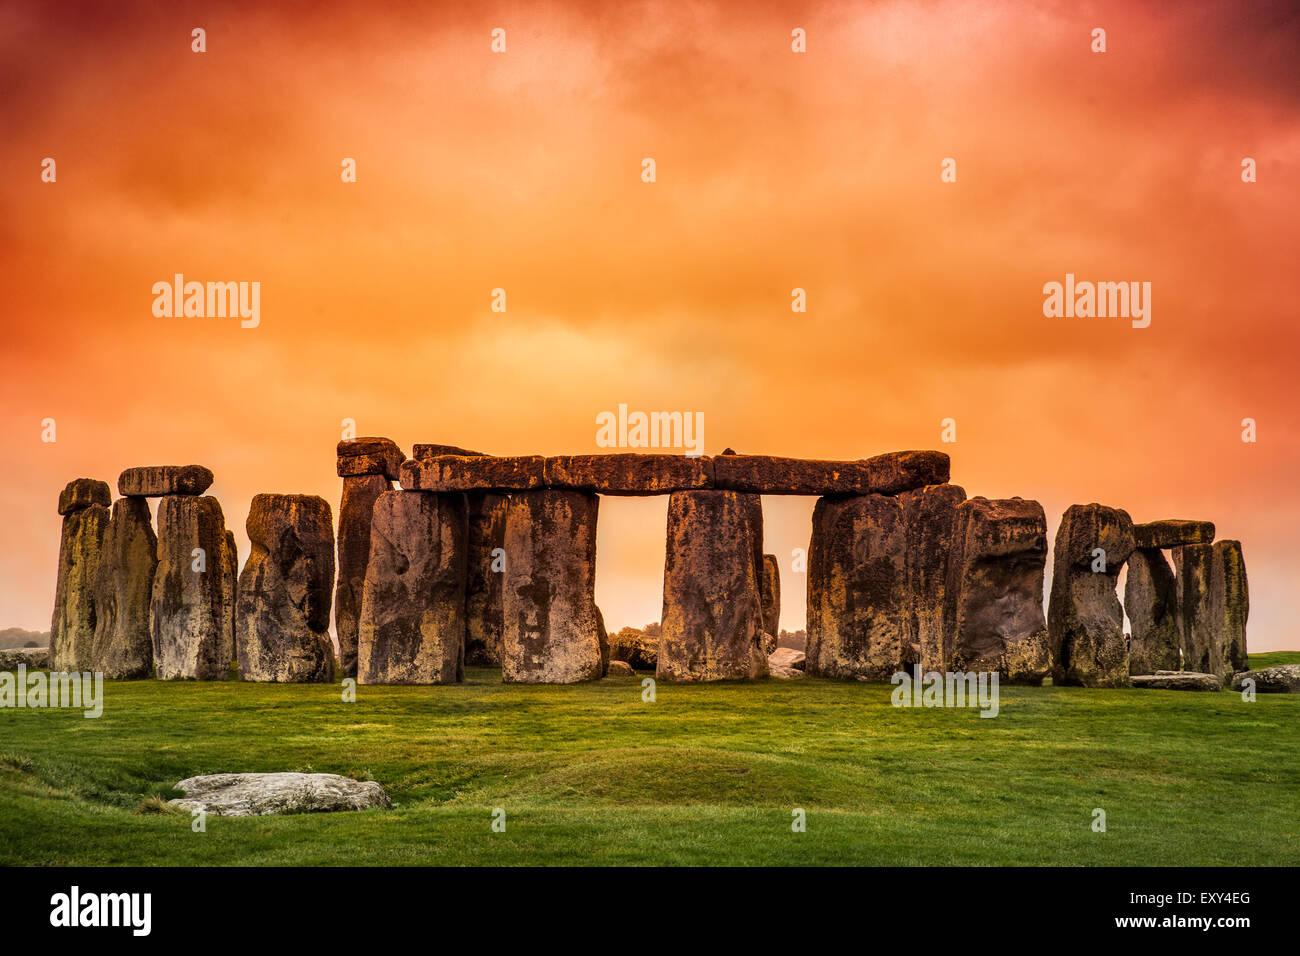 Stonehenge against fiery orange sunset sky Stock Photo